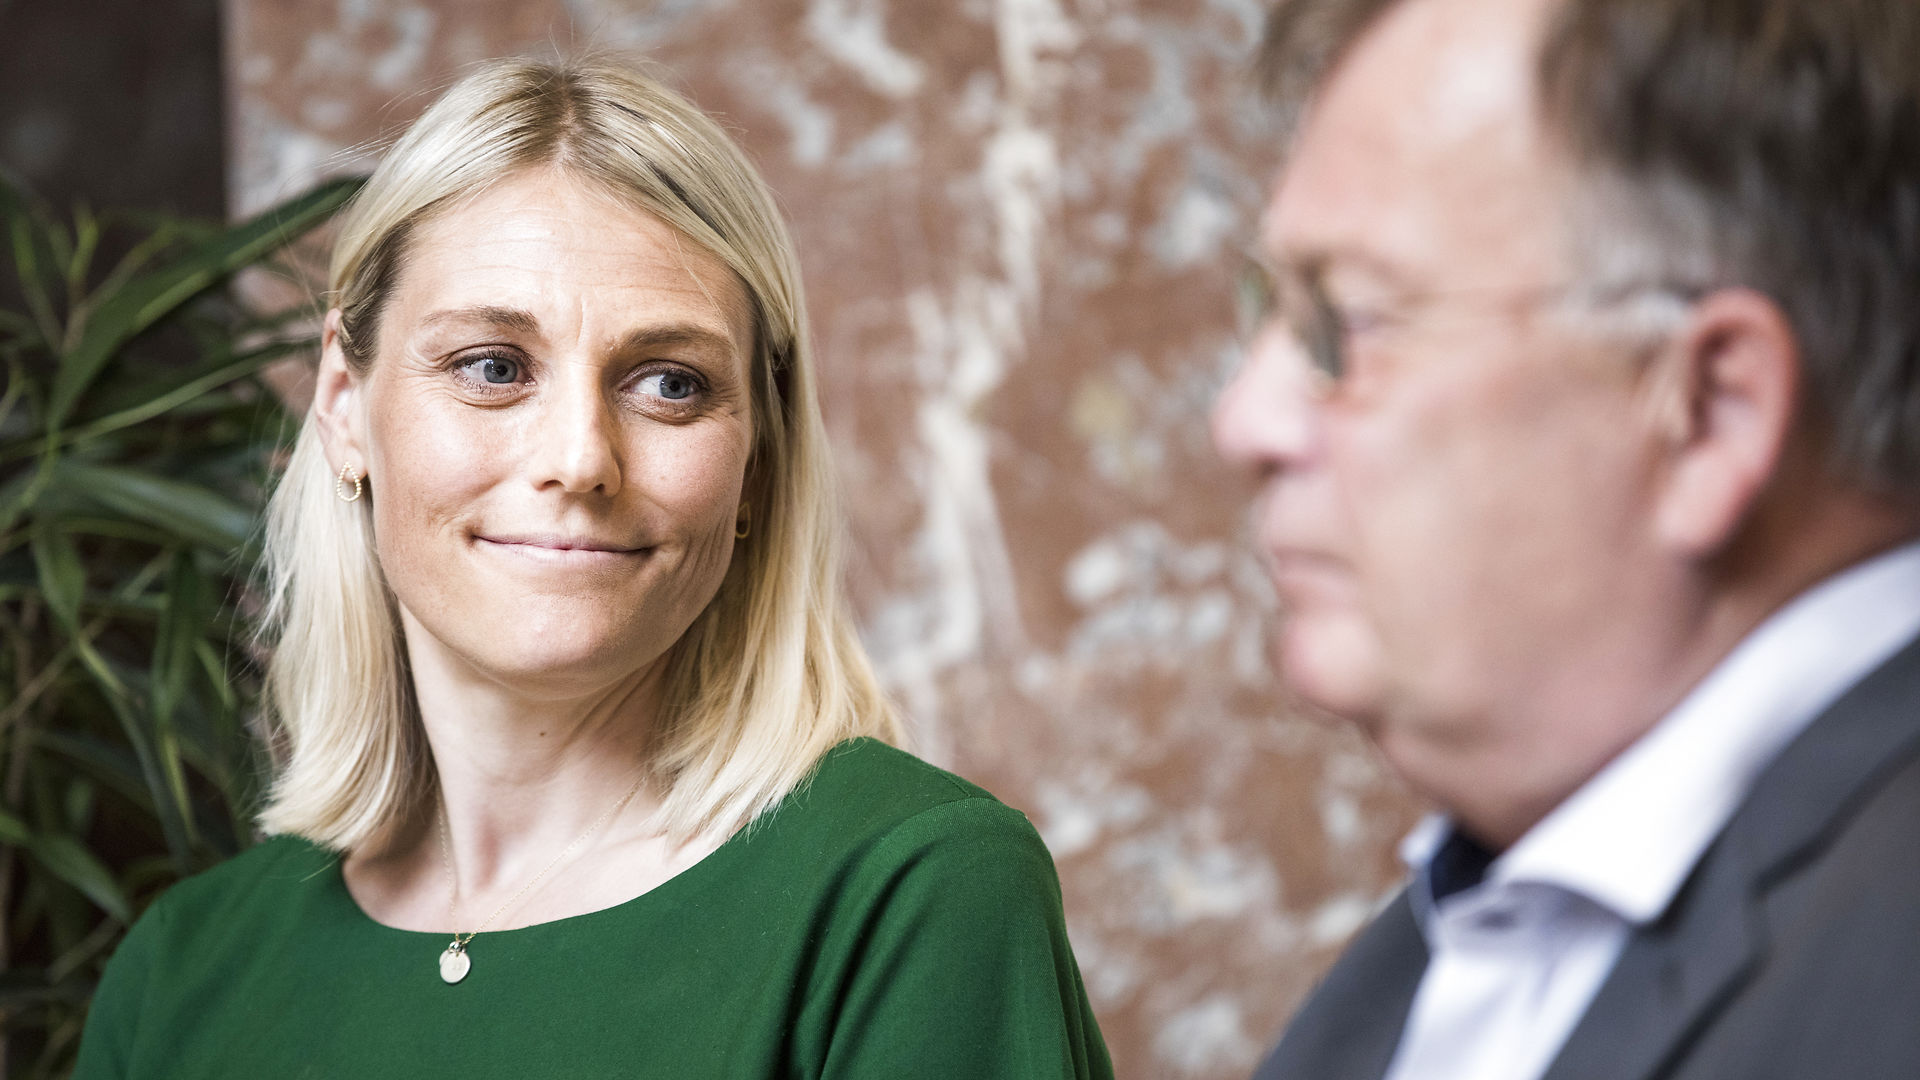 Militæranalytiker Anders Puck Nielsen: Trine Bramsen kommer til at indse, at hun står overfor svære dilemmaer. Dansk forsvarspolitik er udfordret